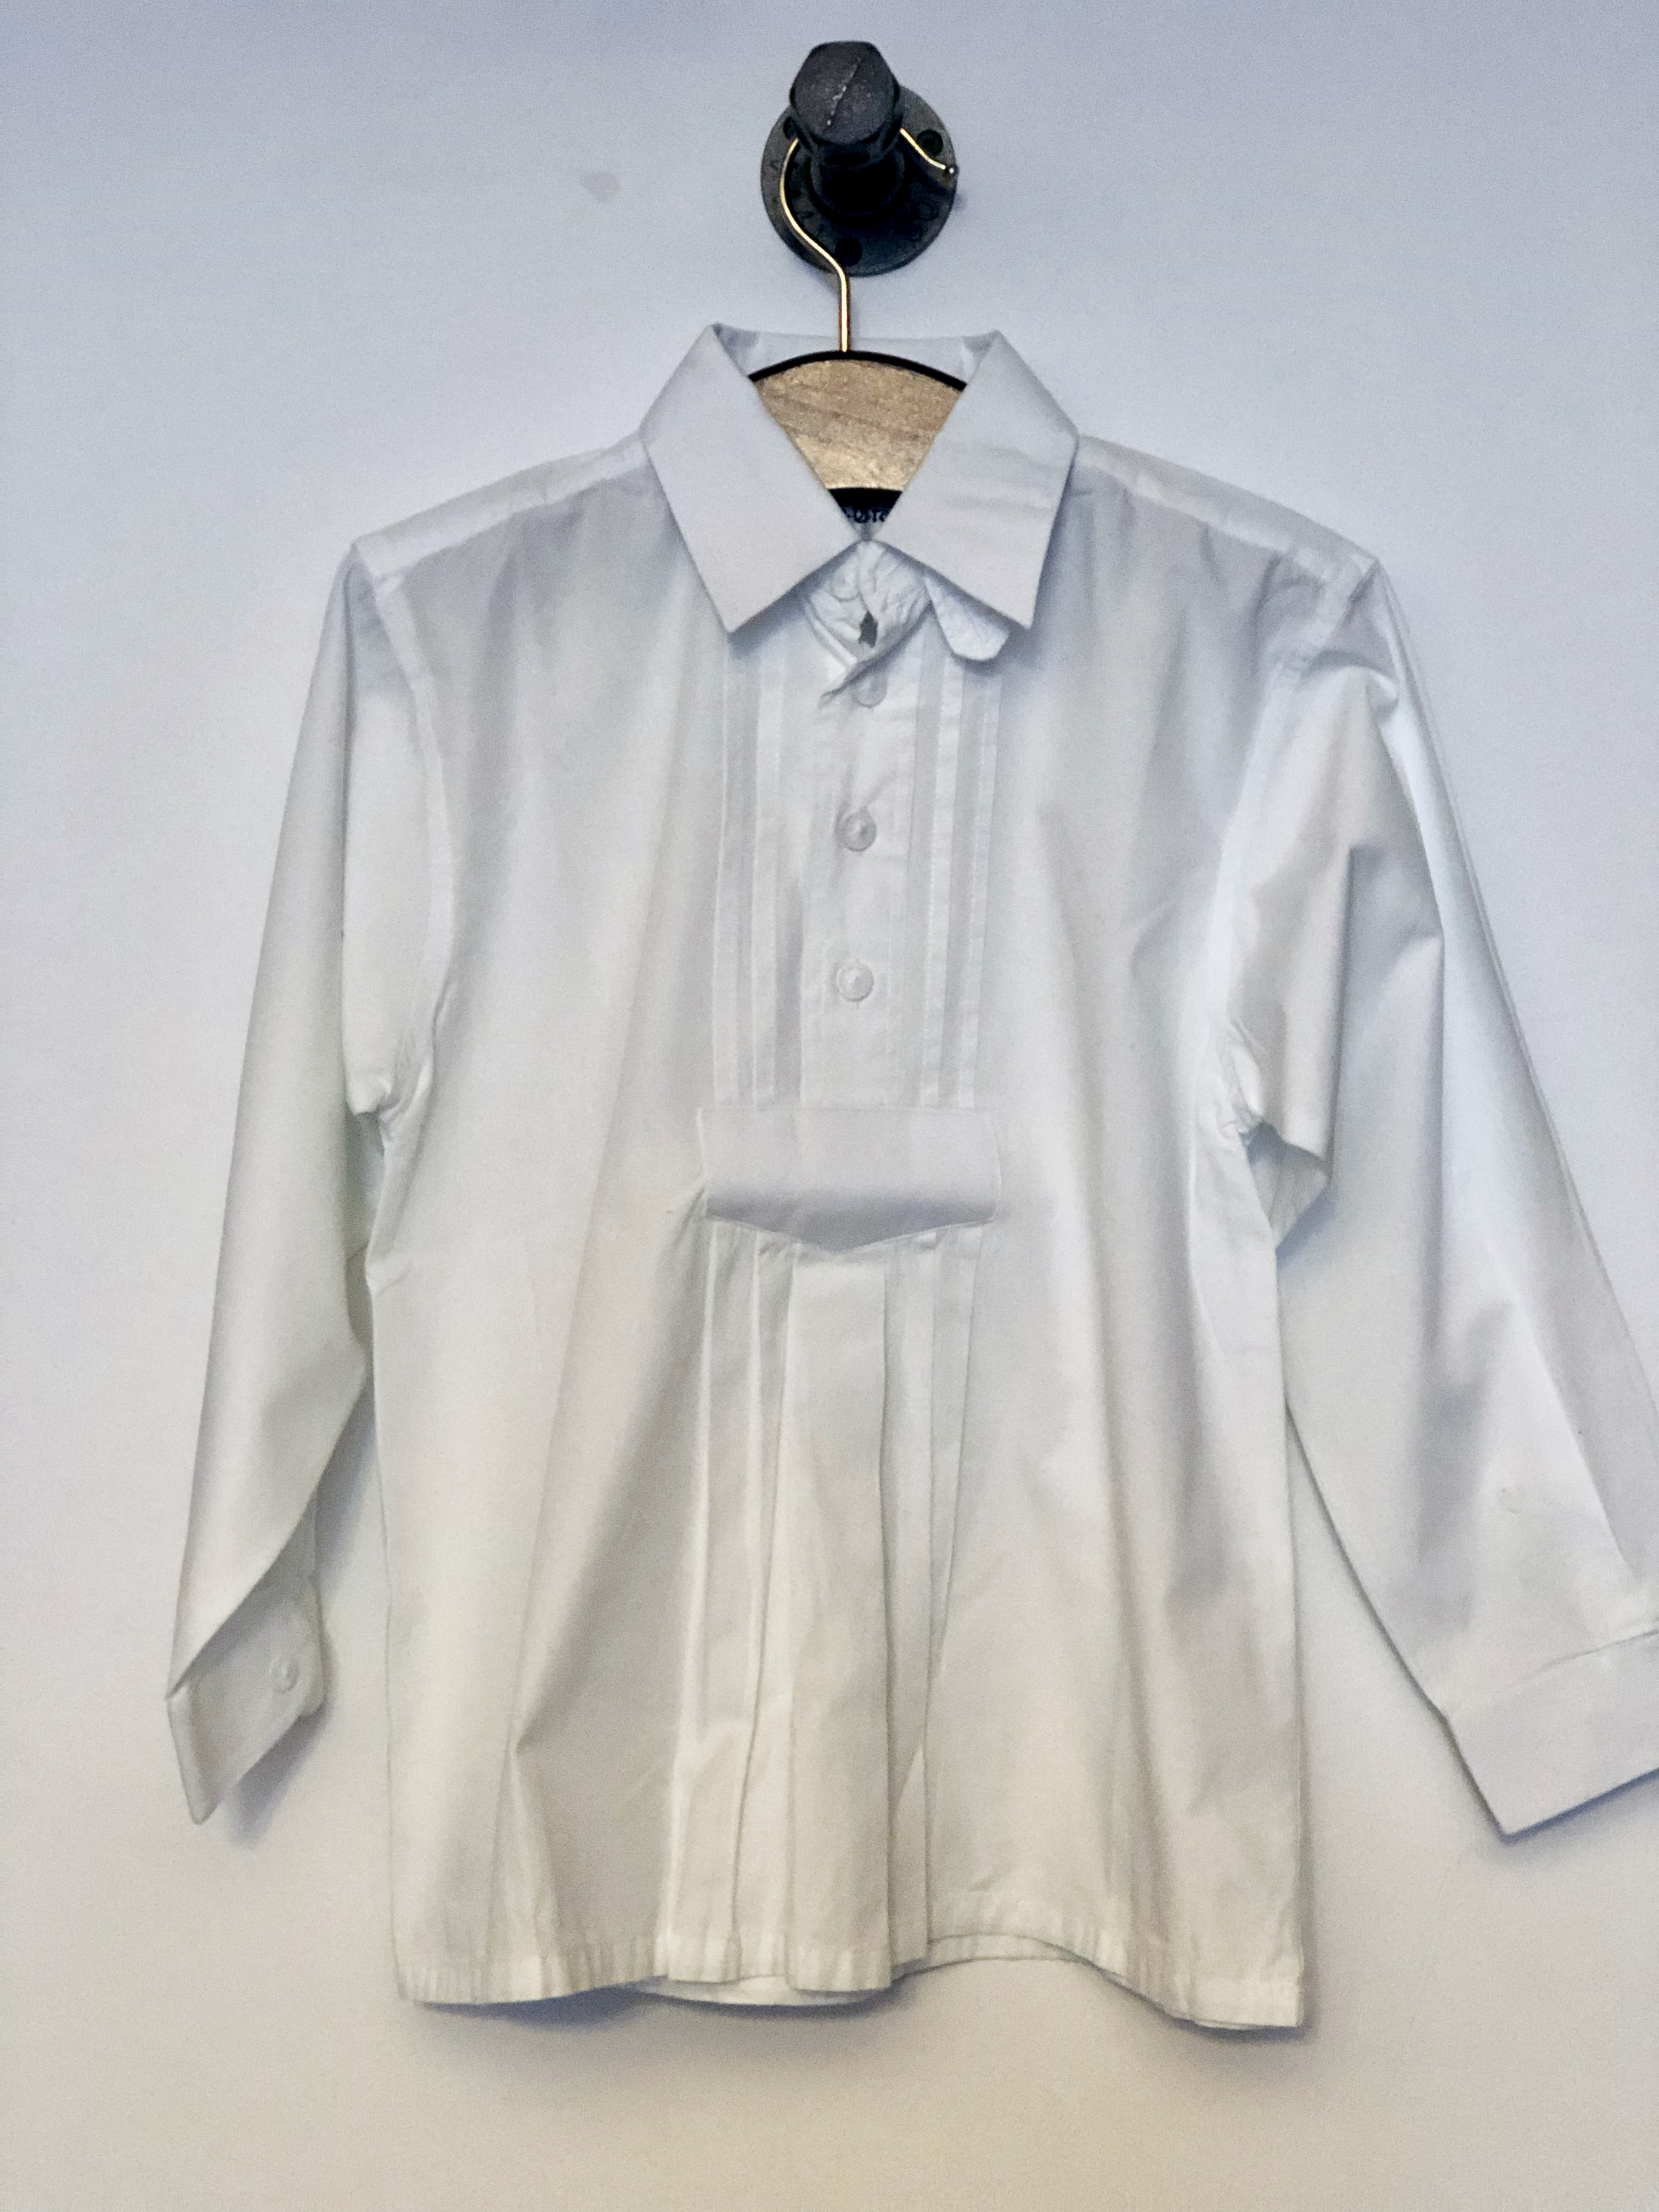 Gr. 128 St. Peter Trachten Trachtenhemd